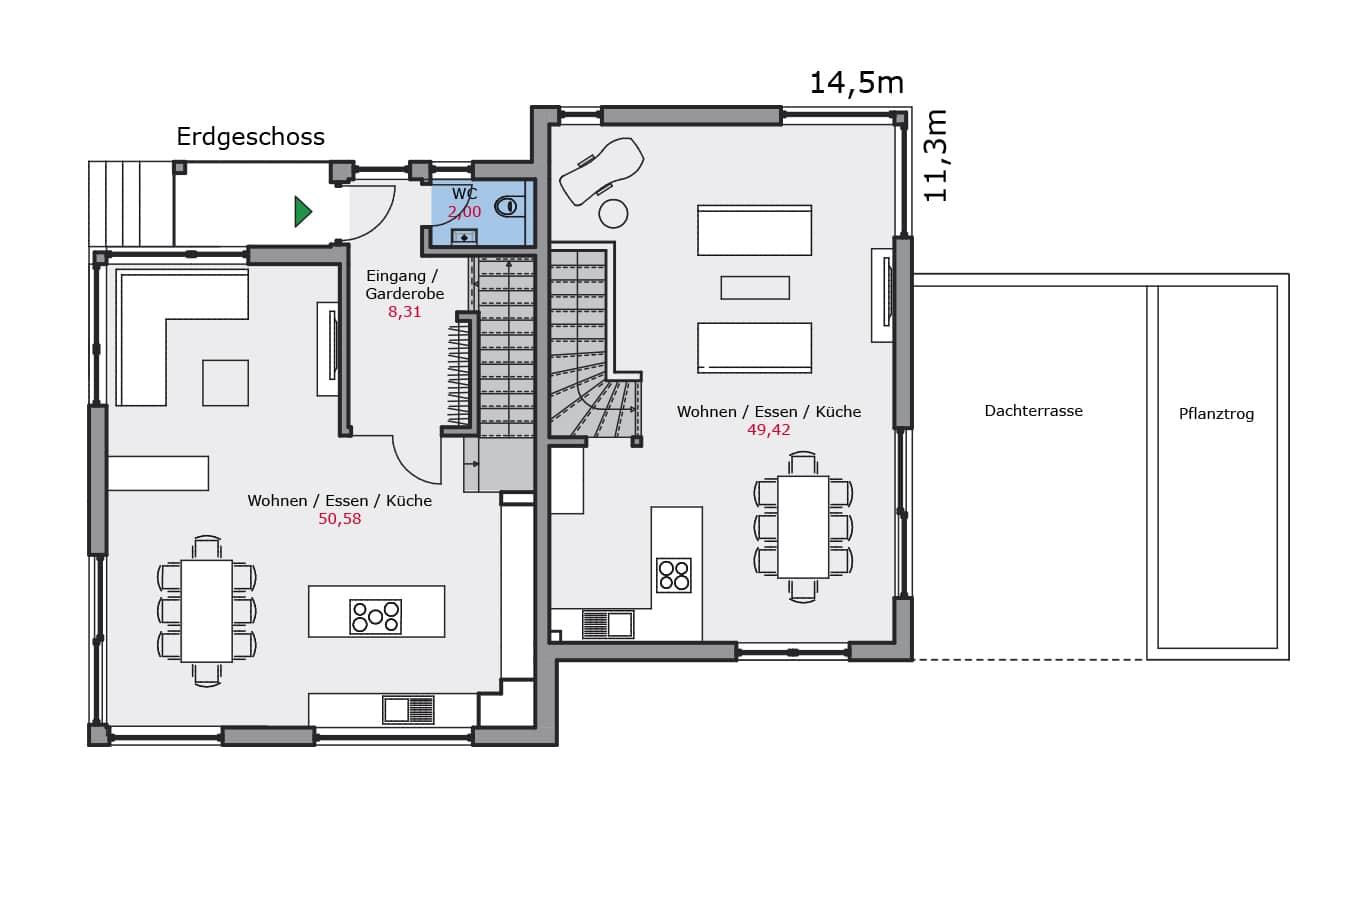 Haus142_Grundriss_Erdgeschoss_Zweifamilienhaus